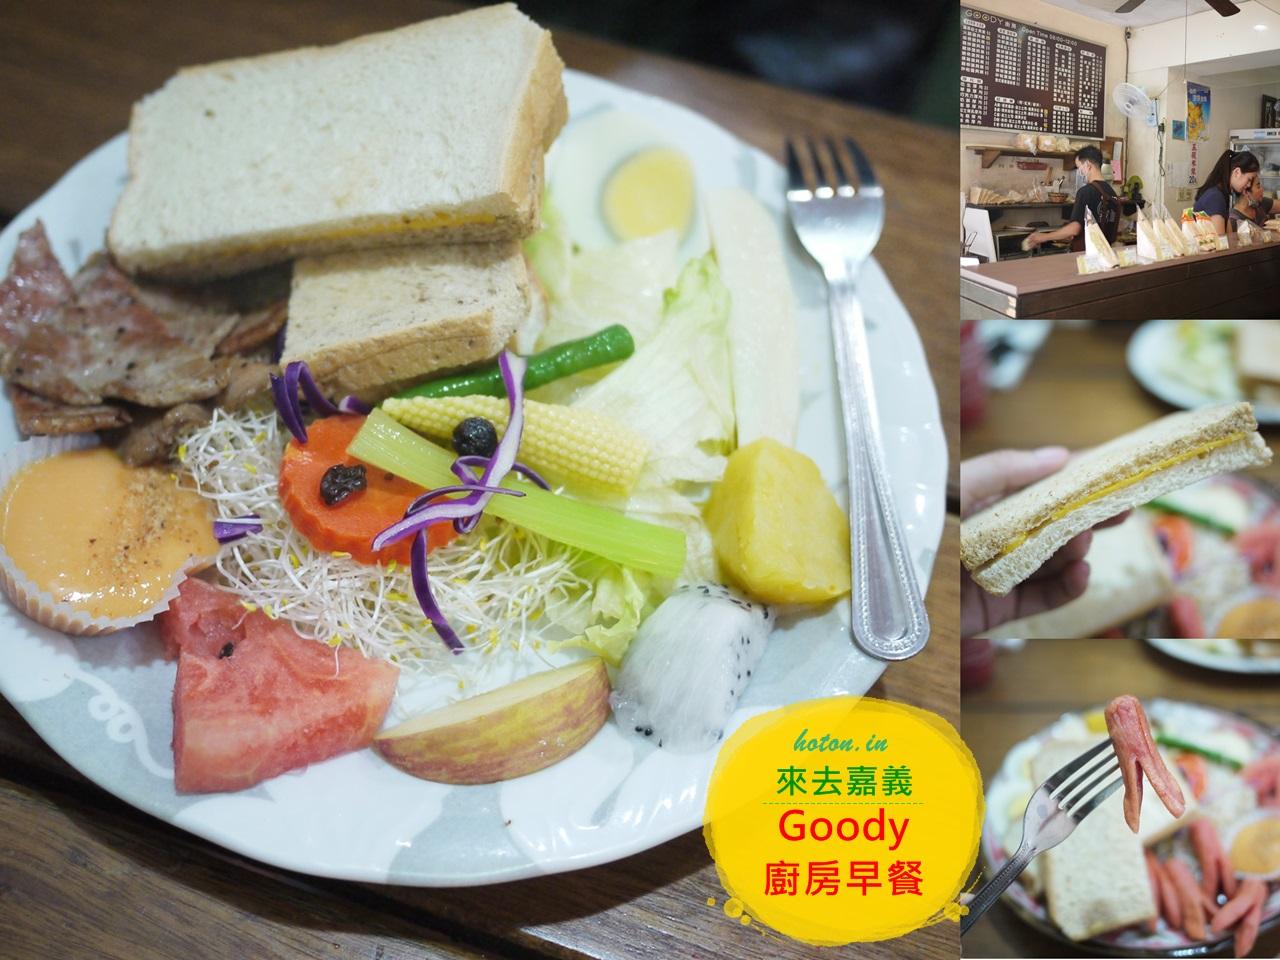 【嘉義食記】Goody廚房.精緻早點~蔬菜滿點價格平實的好店!